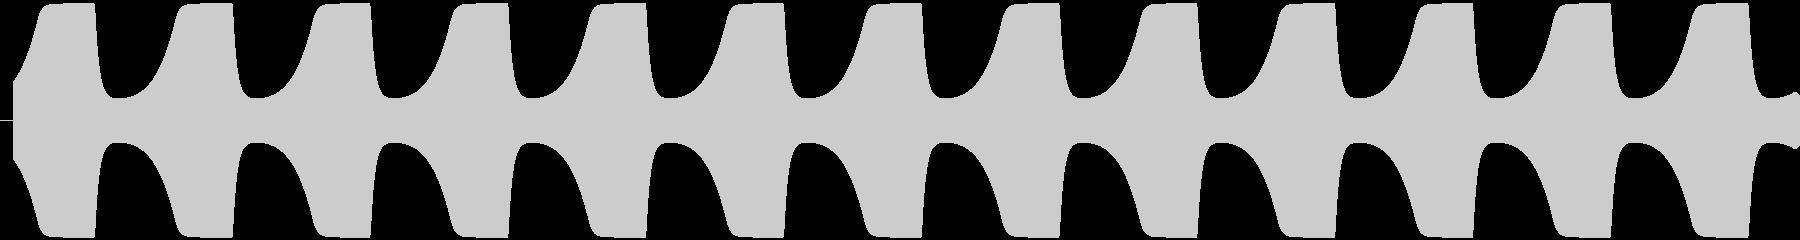 ゲームテキスト効果音A-4(低め 普通)の未再生の波形